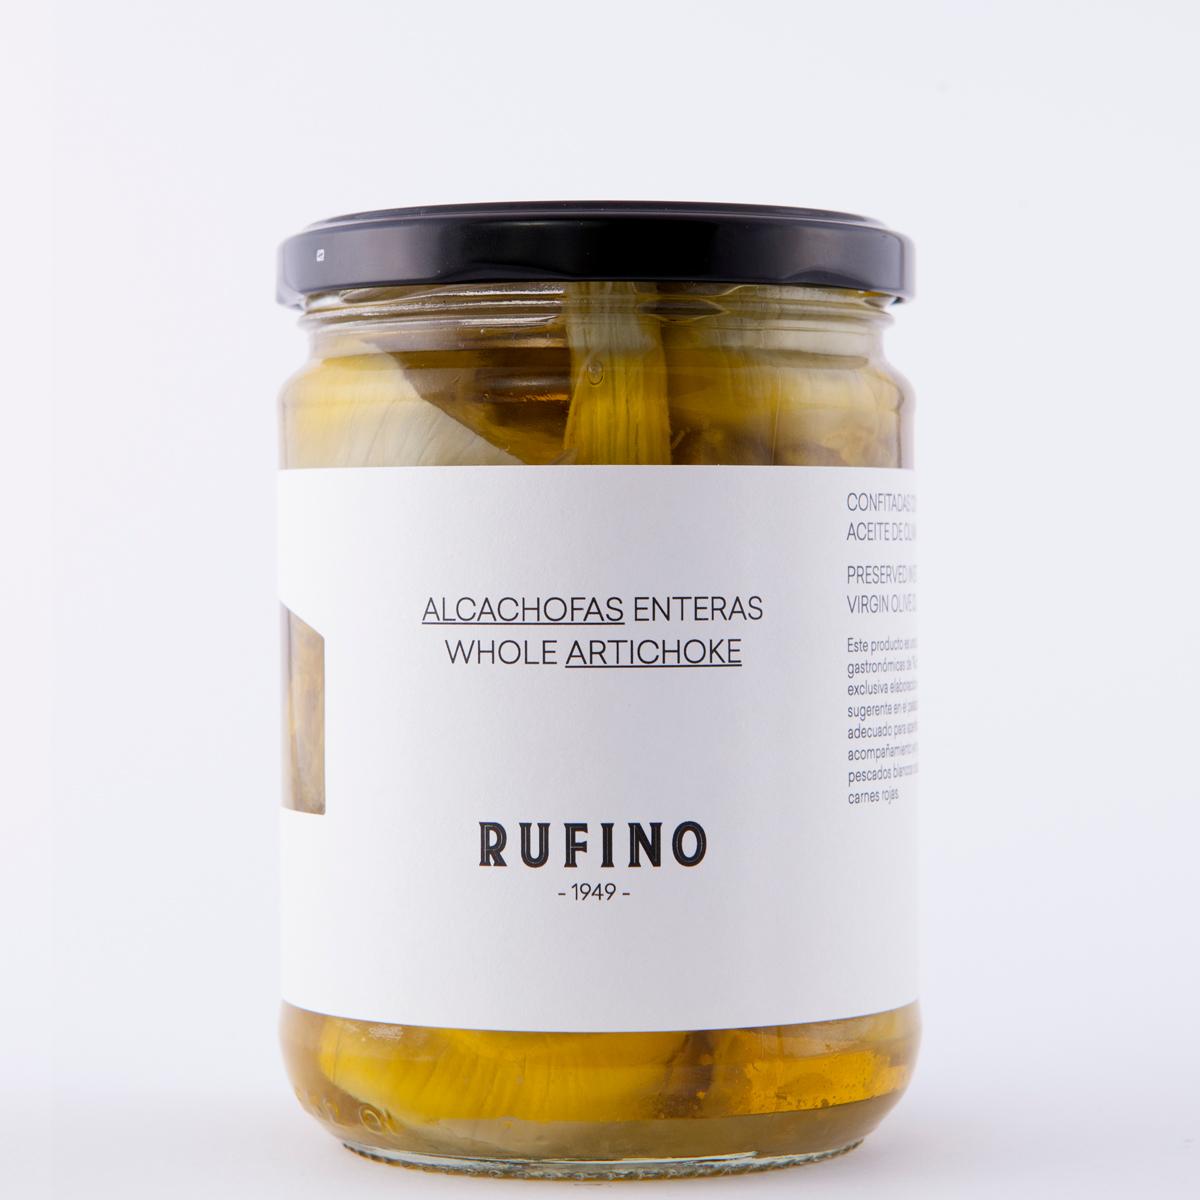 conservas-rufino-alcachofas-enteras